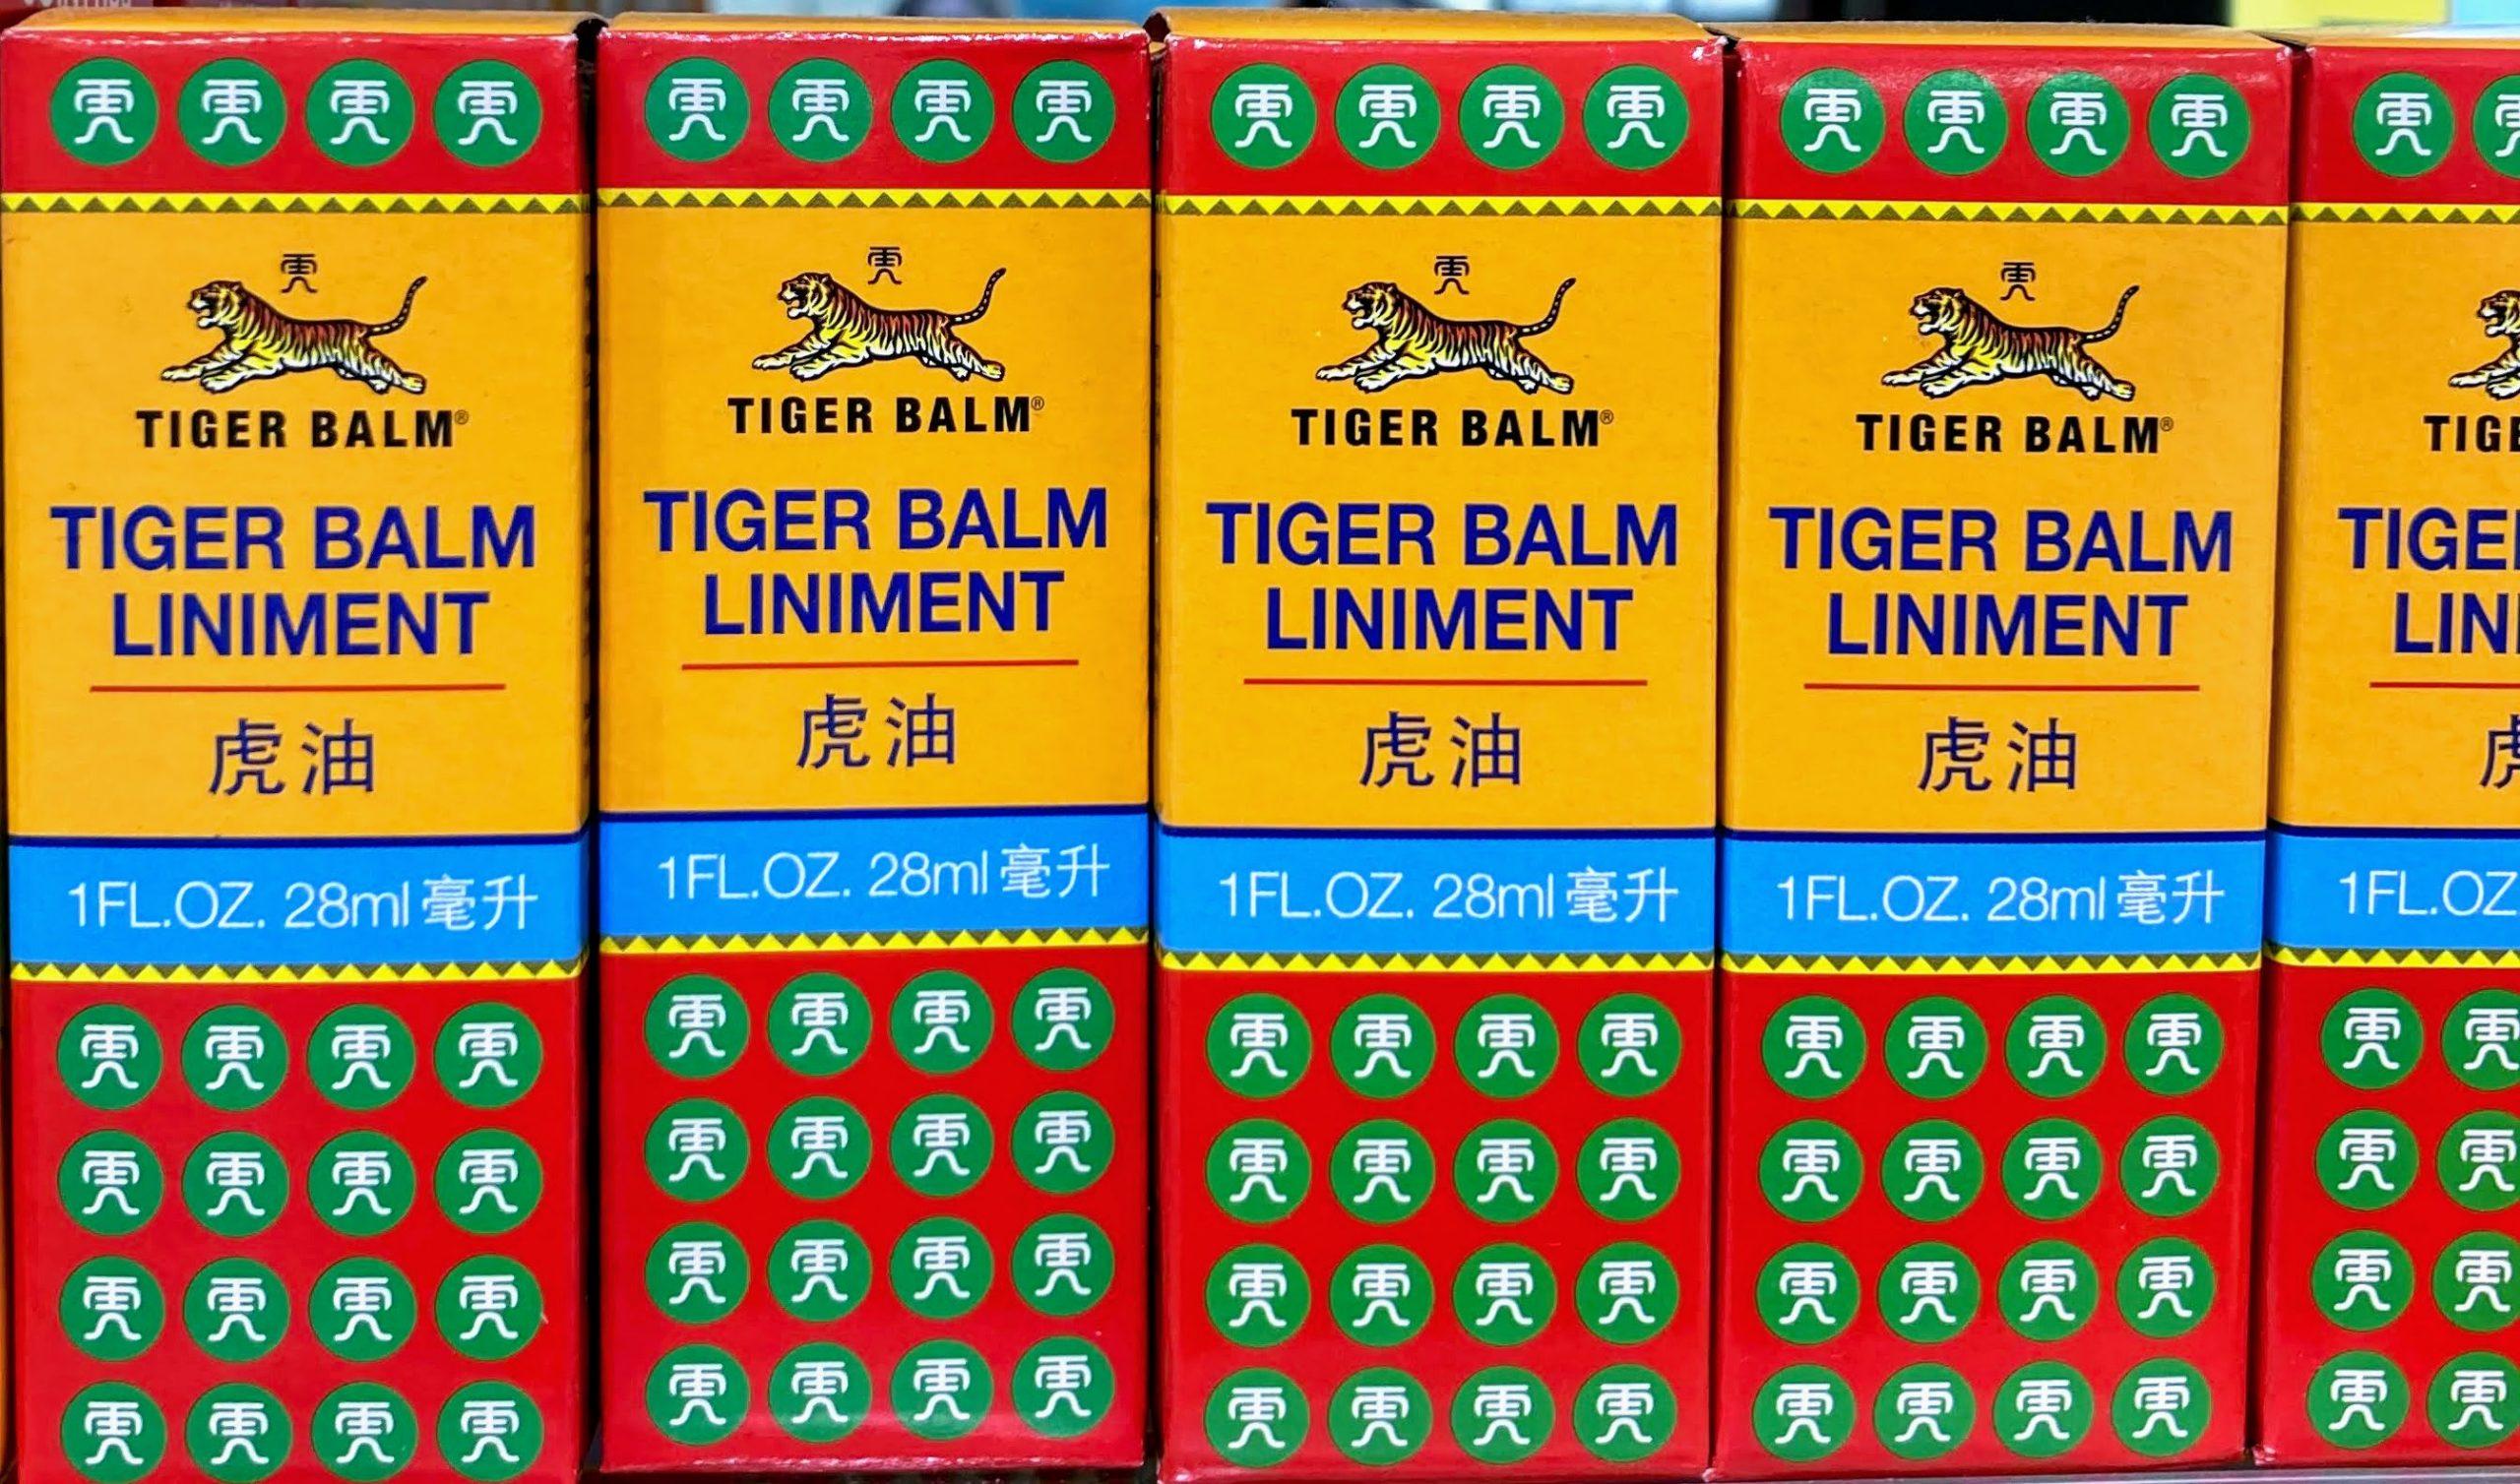 Tiger Balm Liniment 28ml Bálsamo Alivio del dolor muscular y articular. Alivia el dolor. Producto original de Tiger Balm